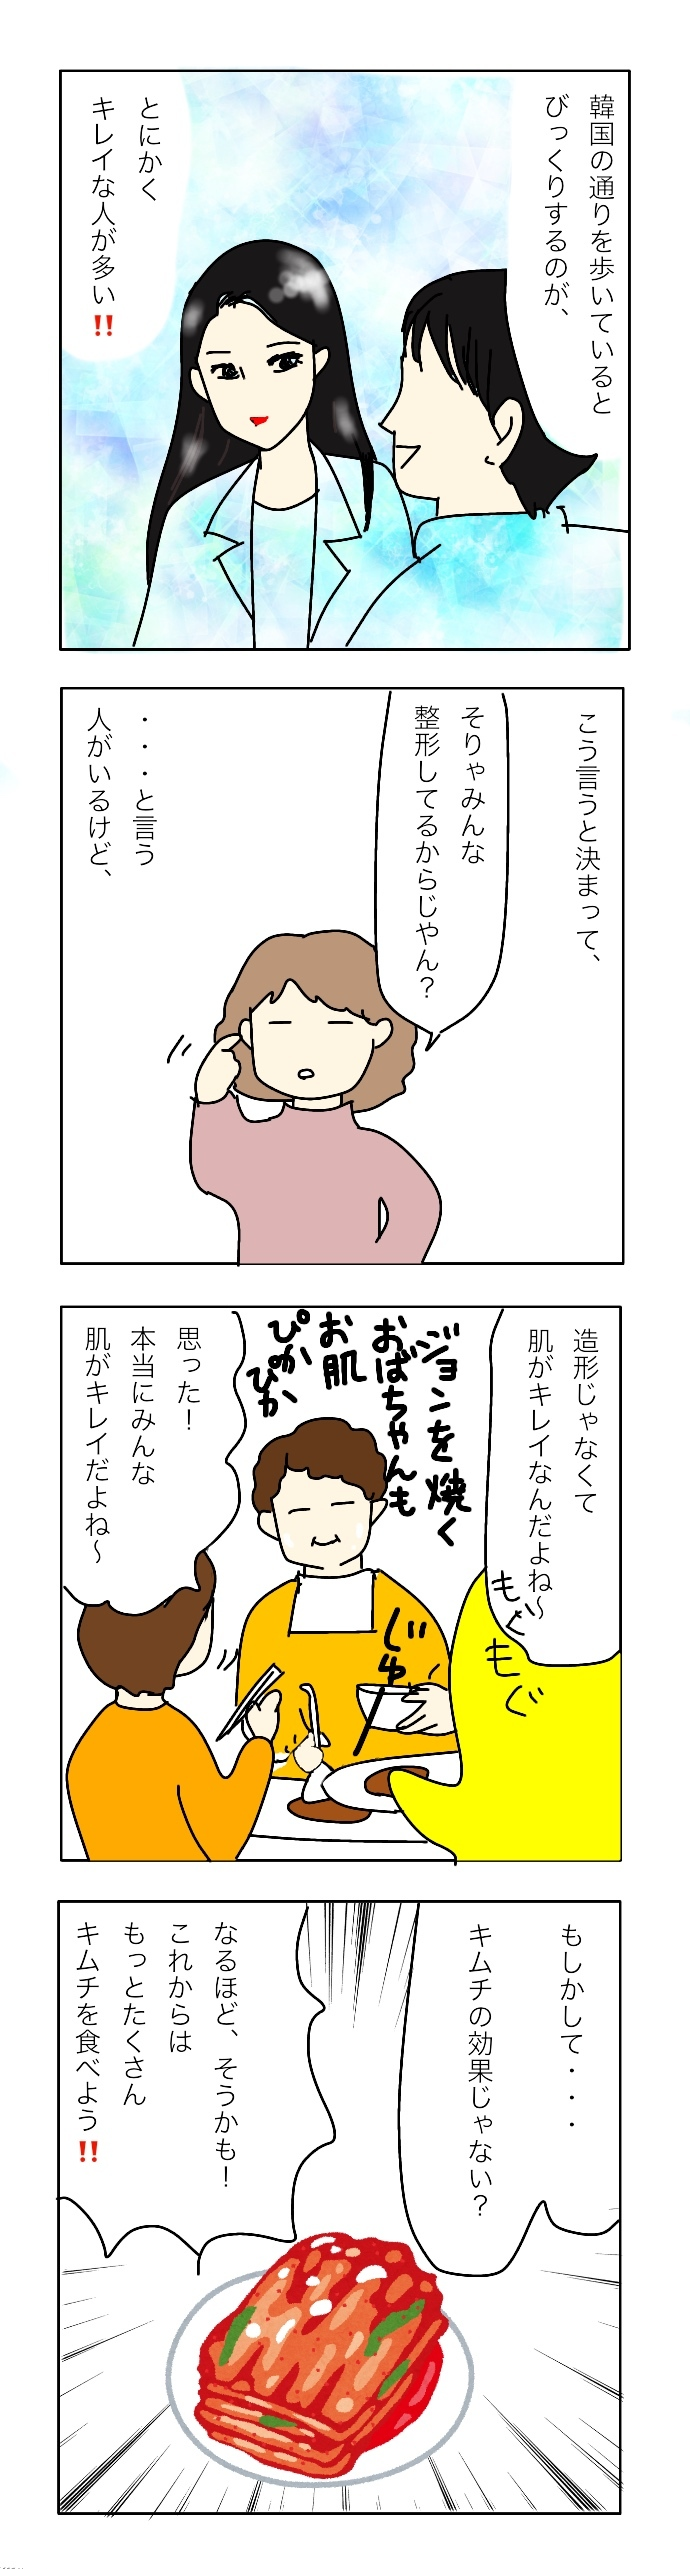 kankoku3 キムチ効果